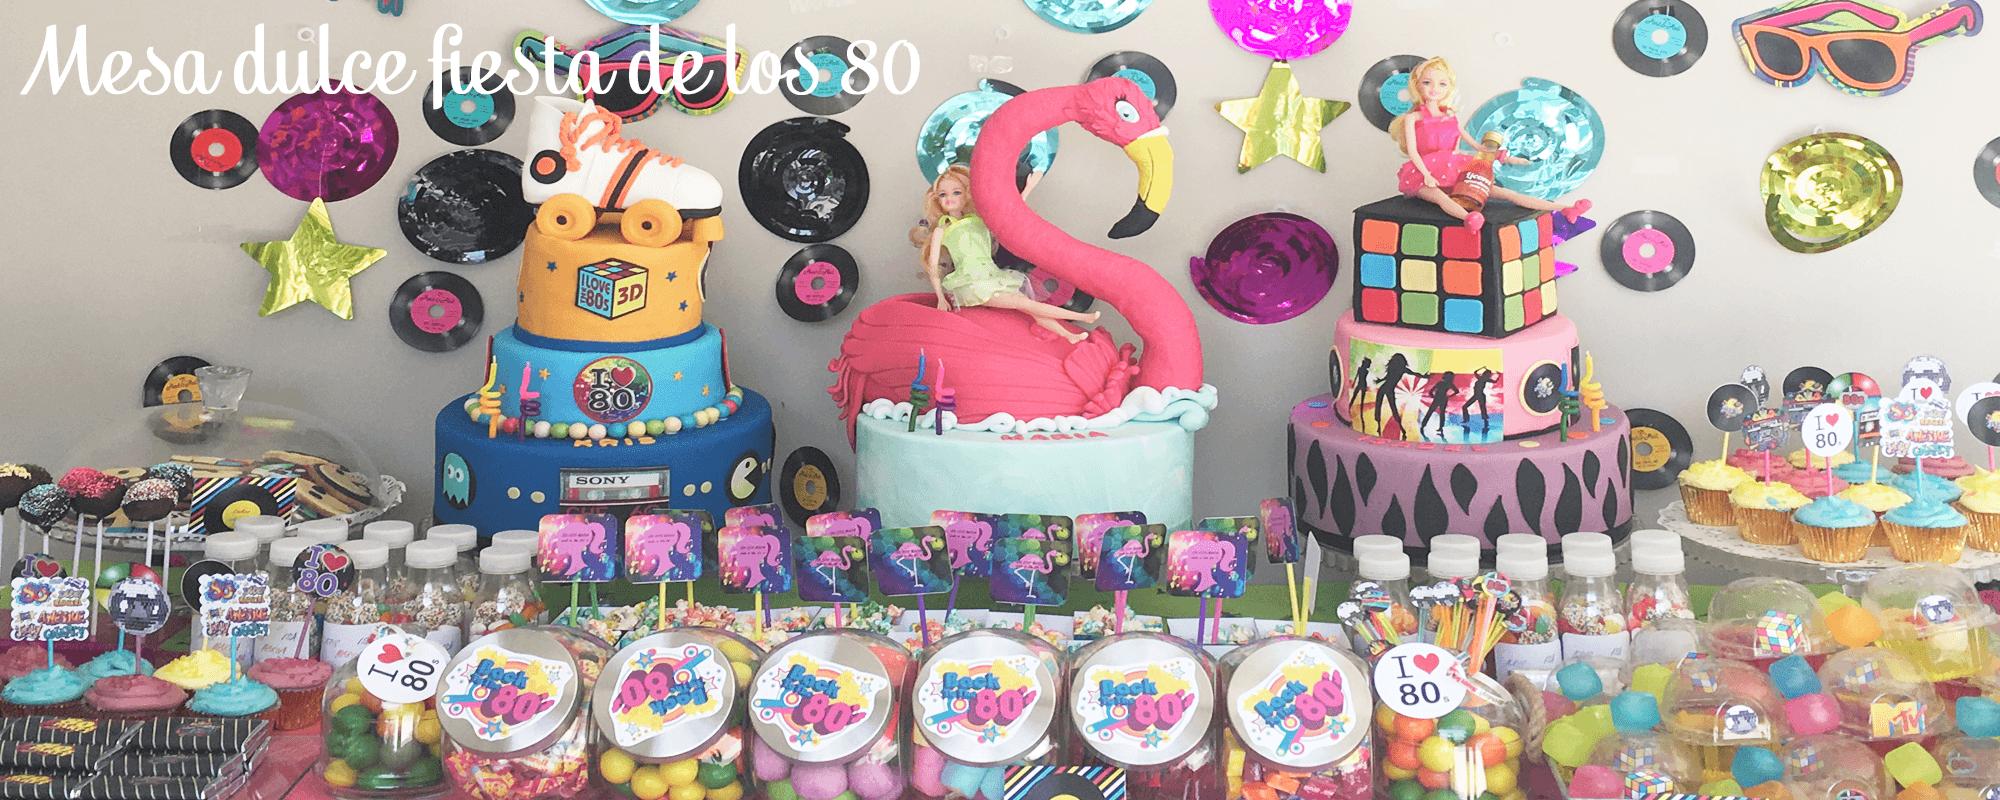 mesa dulce años 80